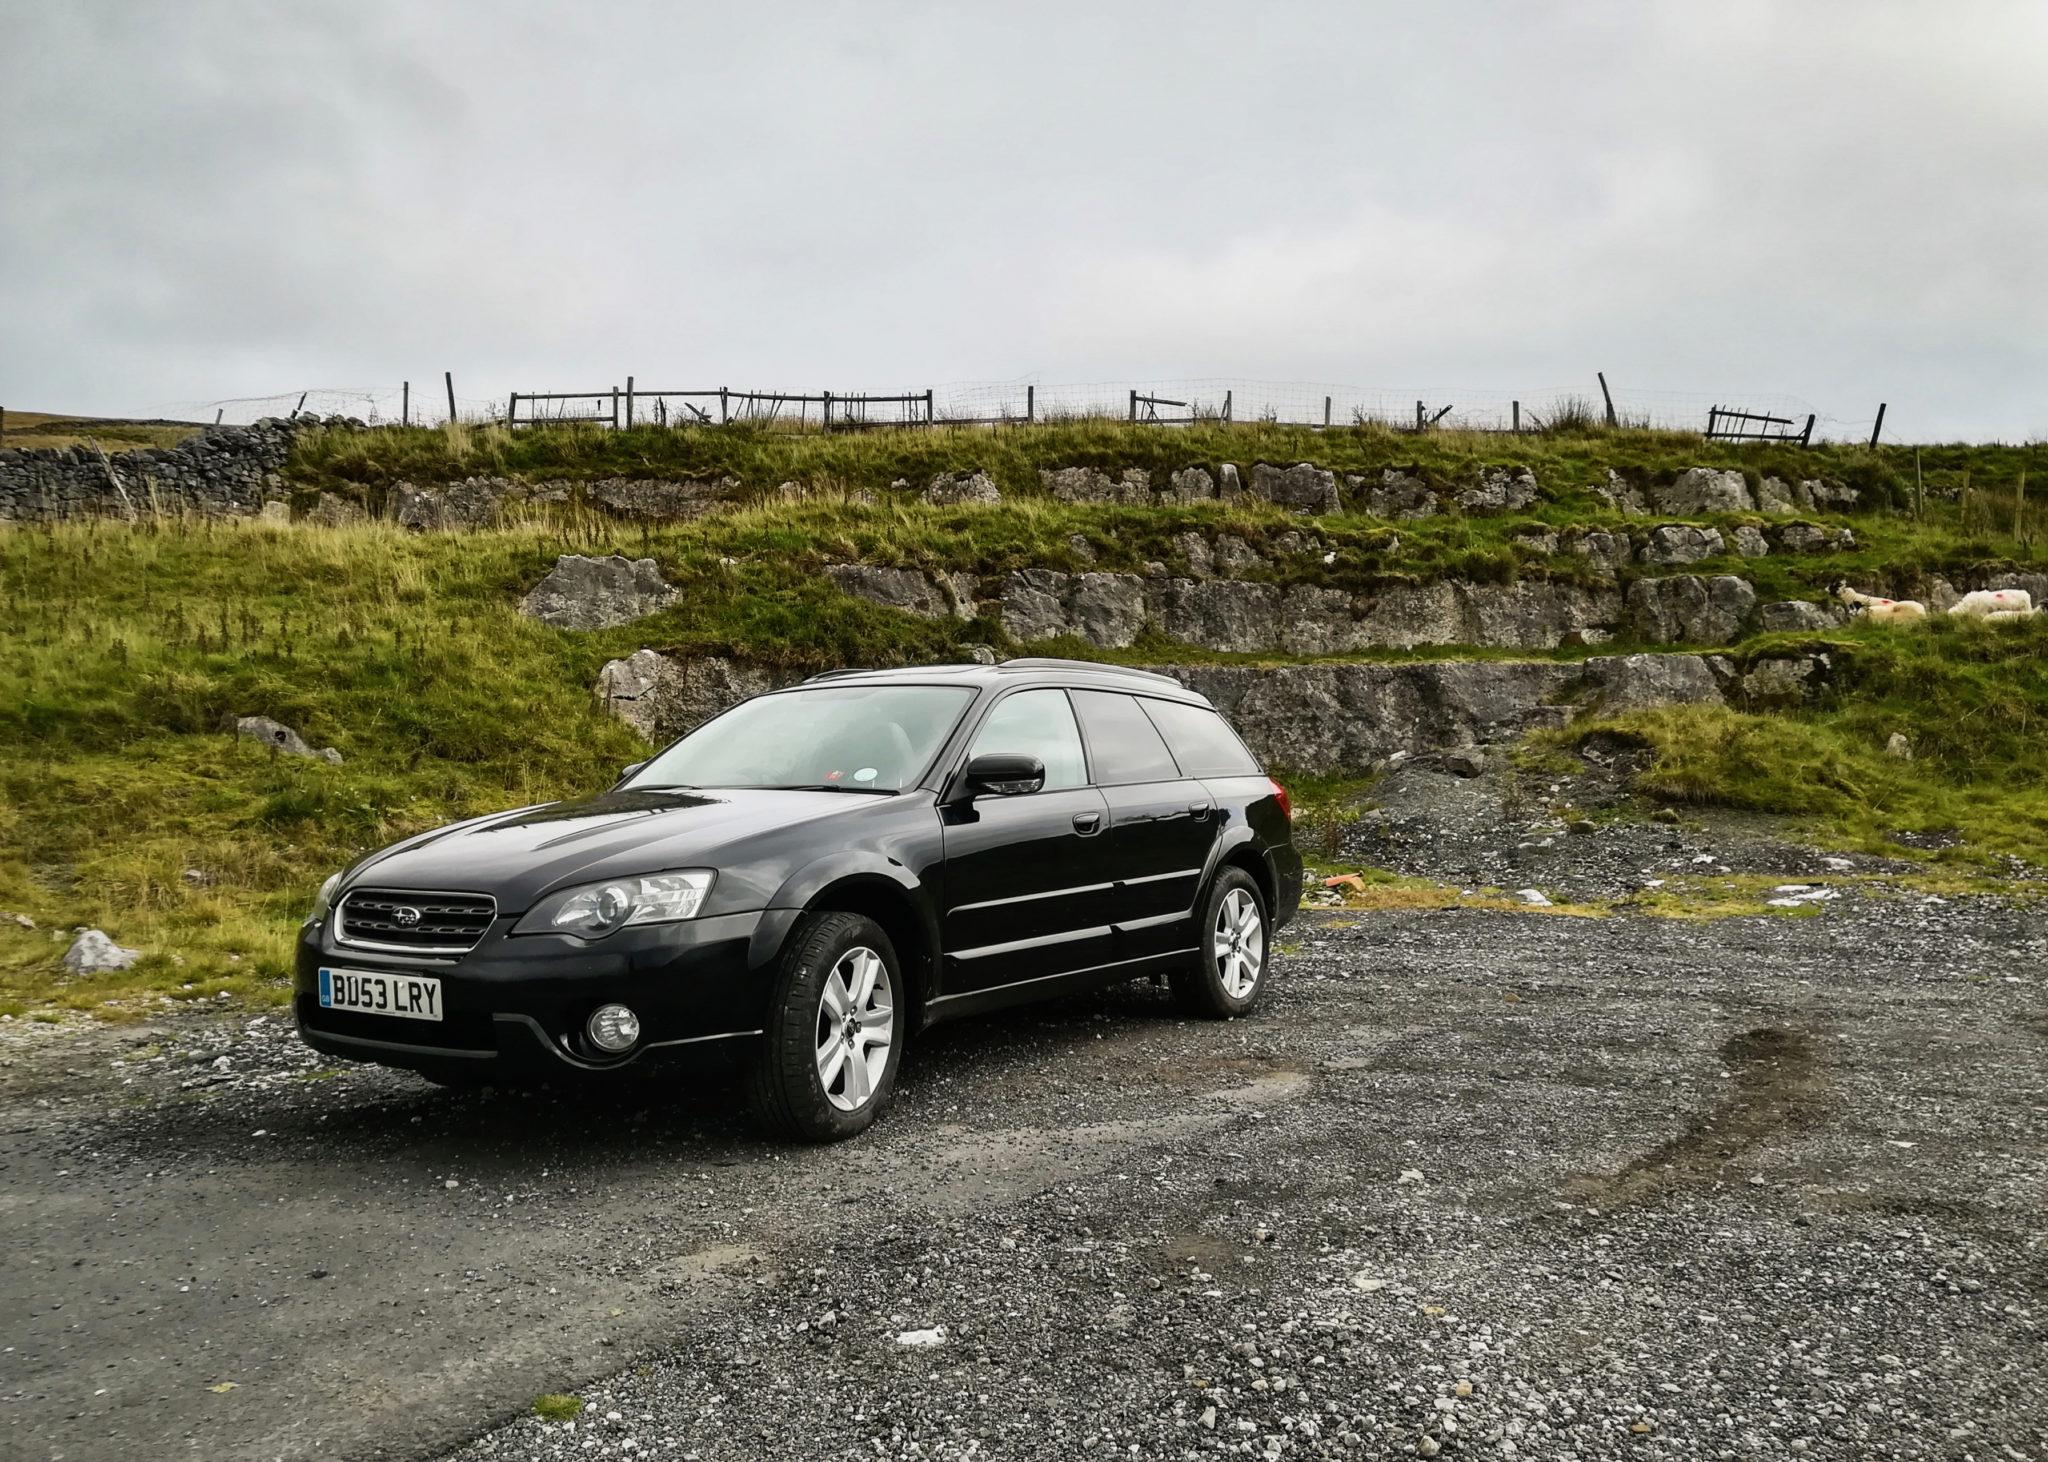 Subaru, Outback, Subaru Outback, Subaru Legacy Outback, cars, car, awd, all wheel drive, car photo, car pic, Not 2 Grand, N2G, N2Grand, not2grand.co.uk